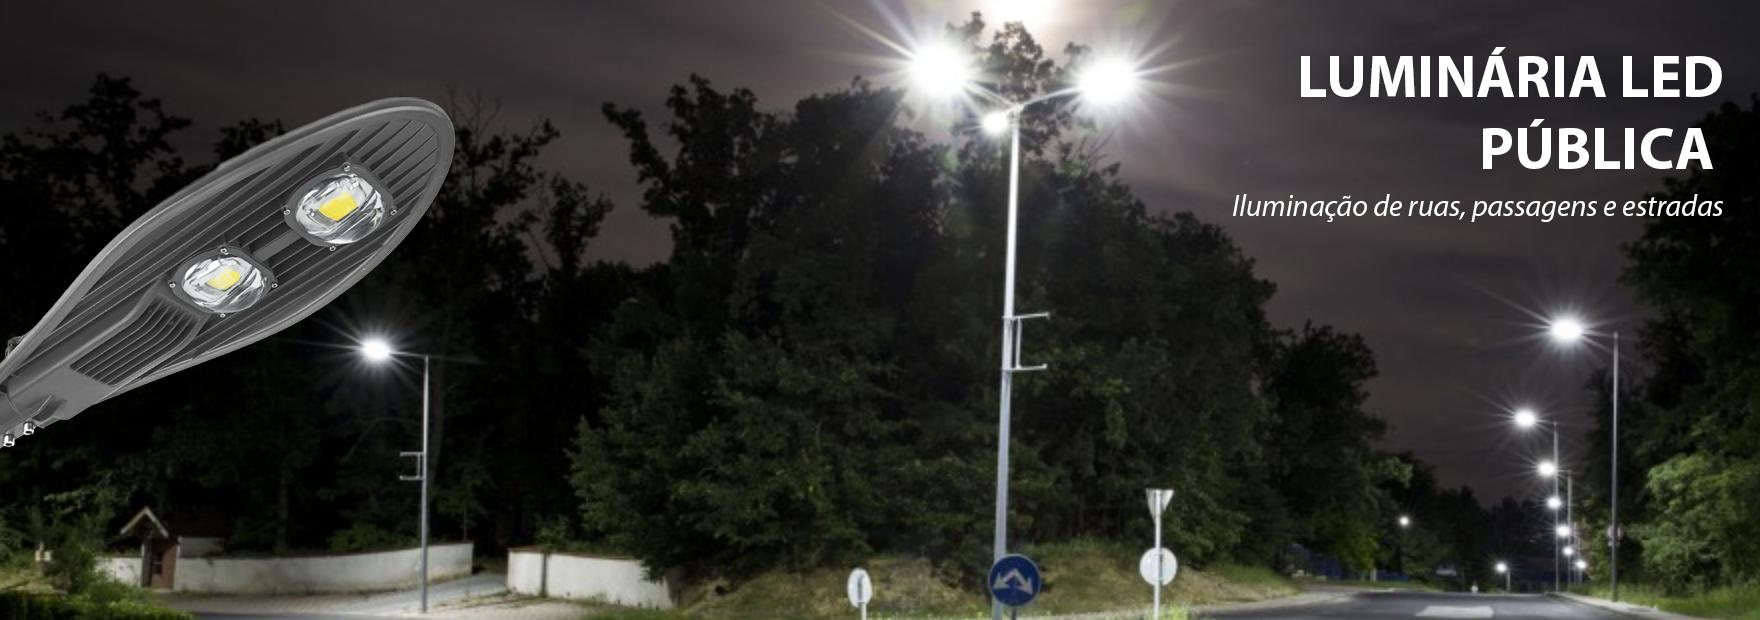 Luminárias Pública LED